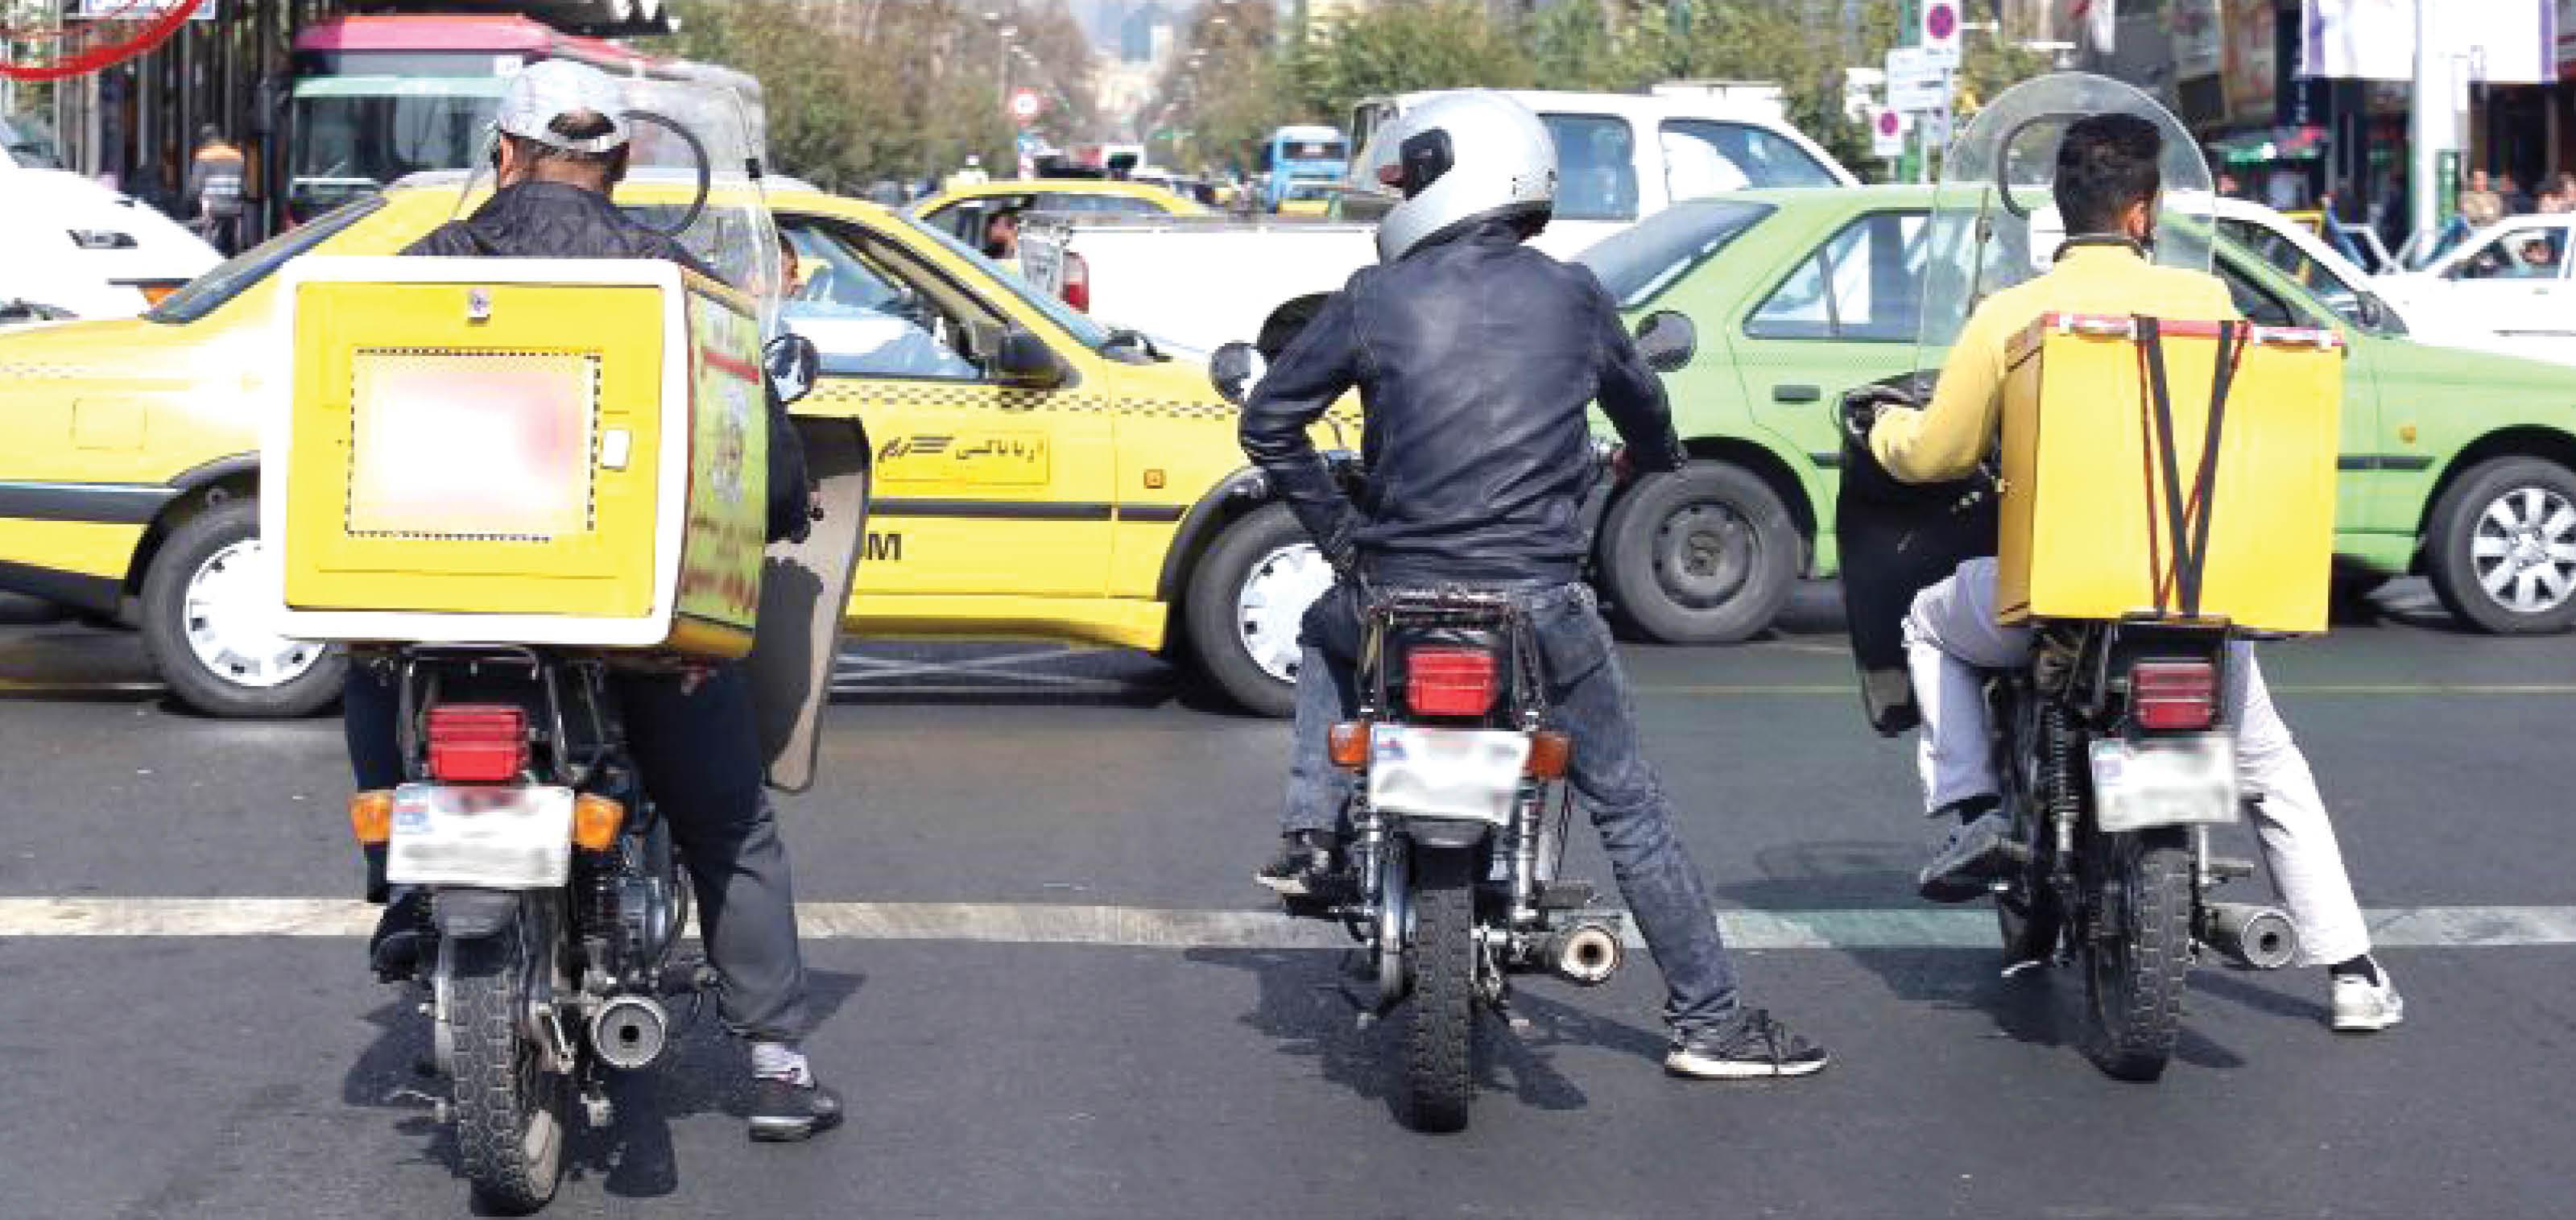 پیک موتوری ها؛ جاماندگان دیگری از سهمیه بندی بنزین/ این بار بنزین گریبان گیر قشر ضعیف شد